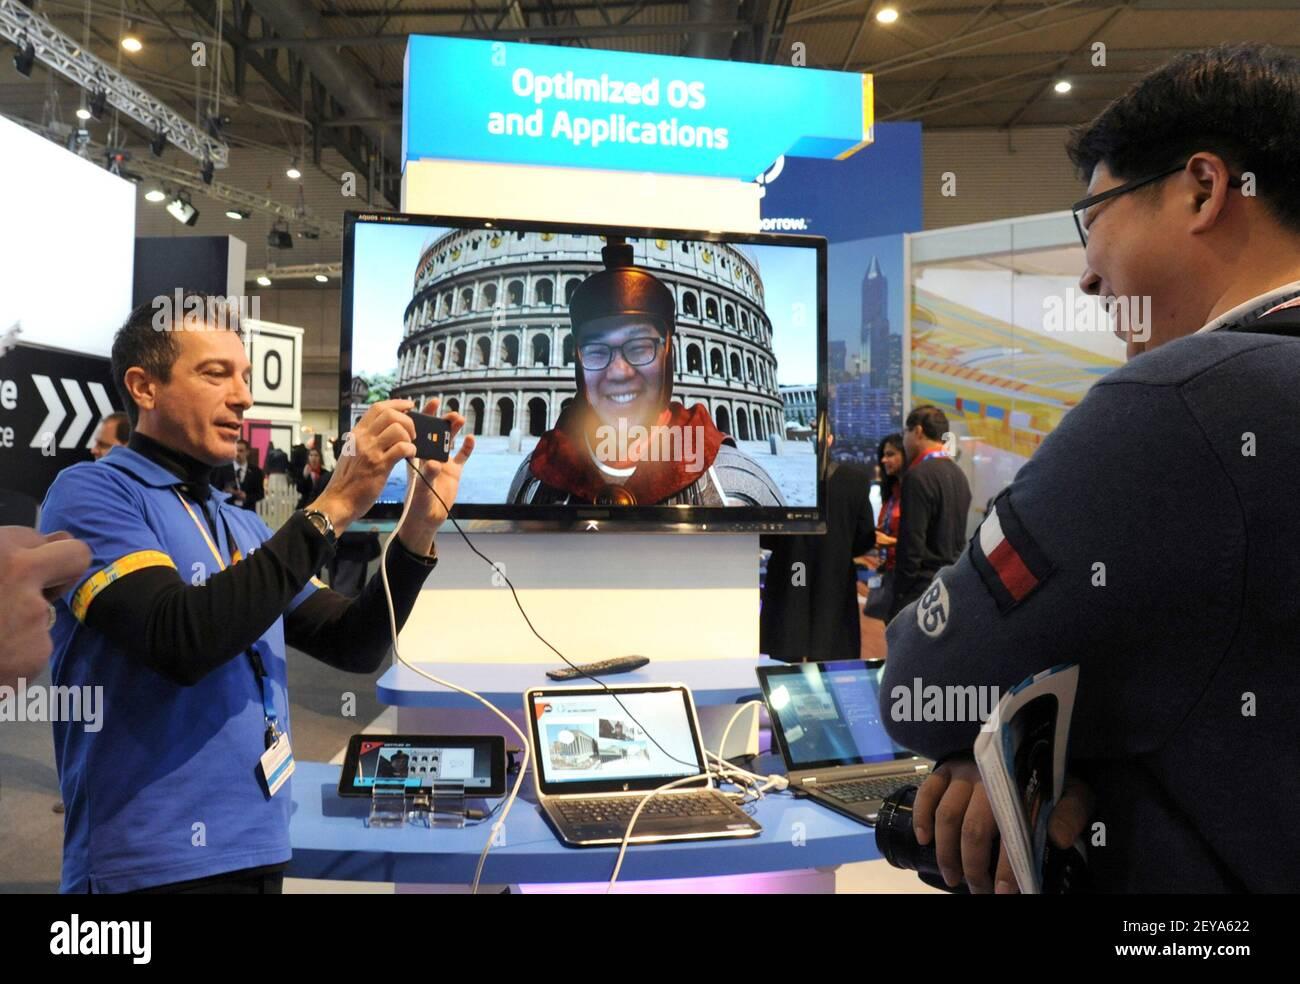 25 février 2013 - Barcelone, Espagne - dans cette photo publiée par Intel Corporation, Rino Cavallucci d'Intel présente sa technologie de virtualisation, associant multimédia, retouche d'images et réalité virtuelle mixte au stand d'Intel au Mobile World Congress, le lundi 25 février 2013 à Barcelone, Espagne. La technologie de virtualisation Intel aide les développeurs à accélérer le développement d'applications mobiles afin d'améliorer le processus de test, de débogage et d'optimisation. Mobile World Congress est l'un des plus grands rassemblements annuels de plus de 60,000 leaders mobiles de 200 pays à un endroit à la fois pour définir le m Banque D'Images